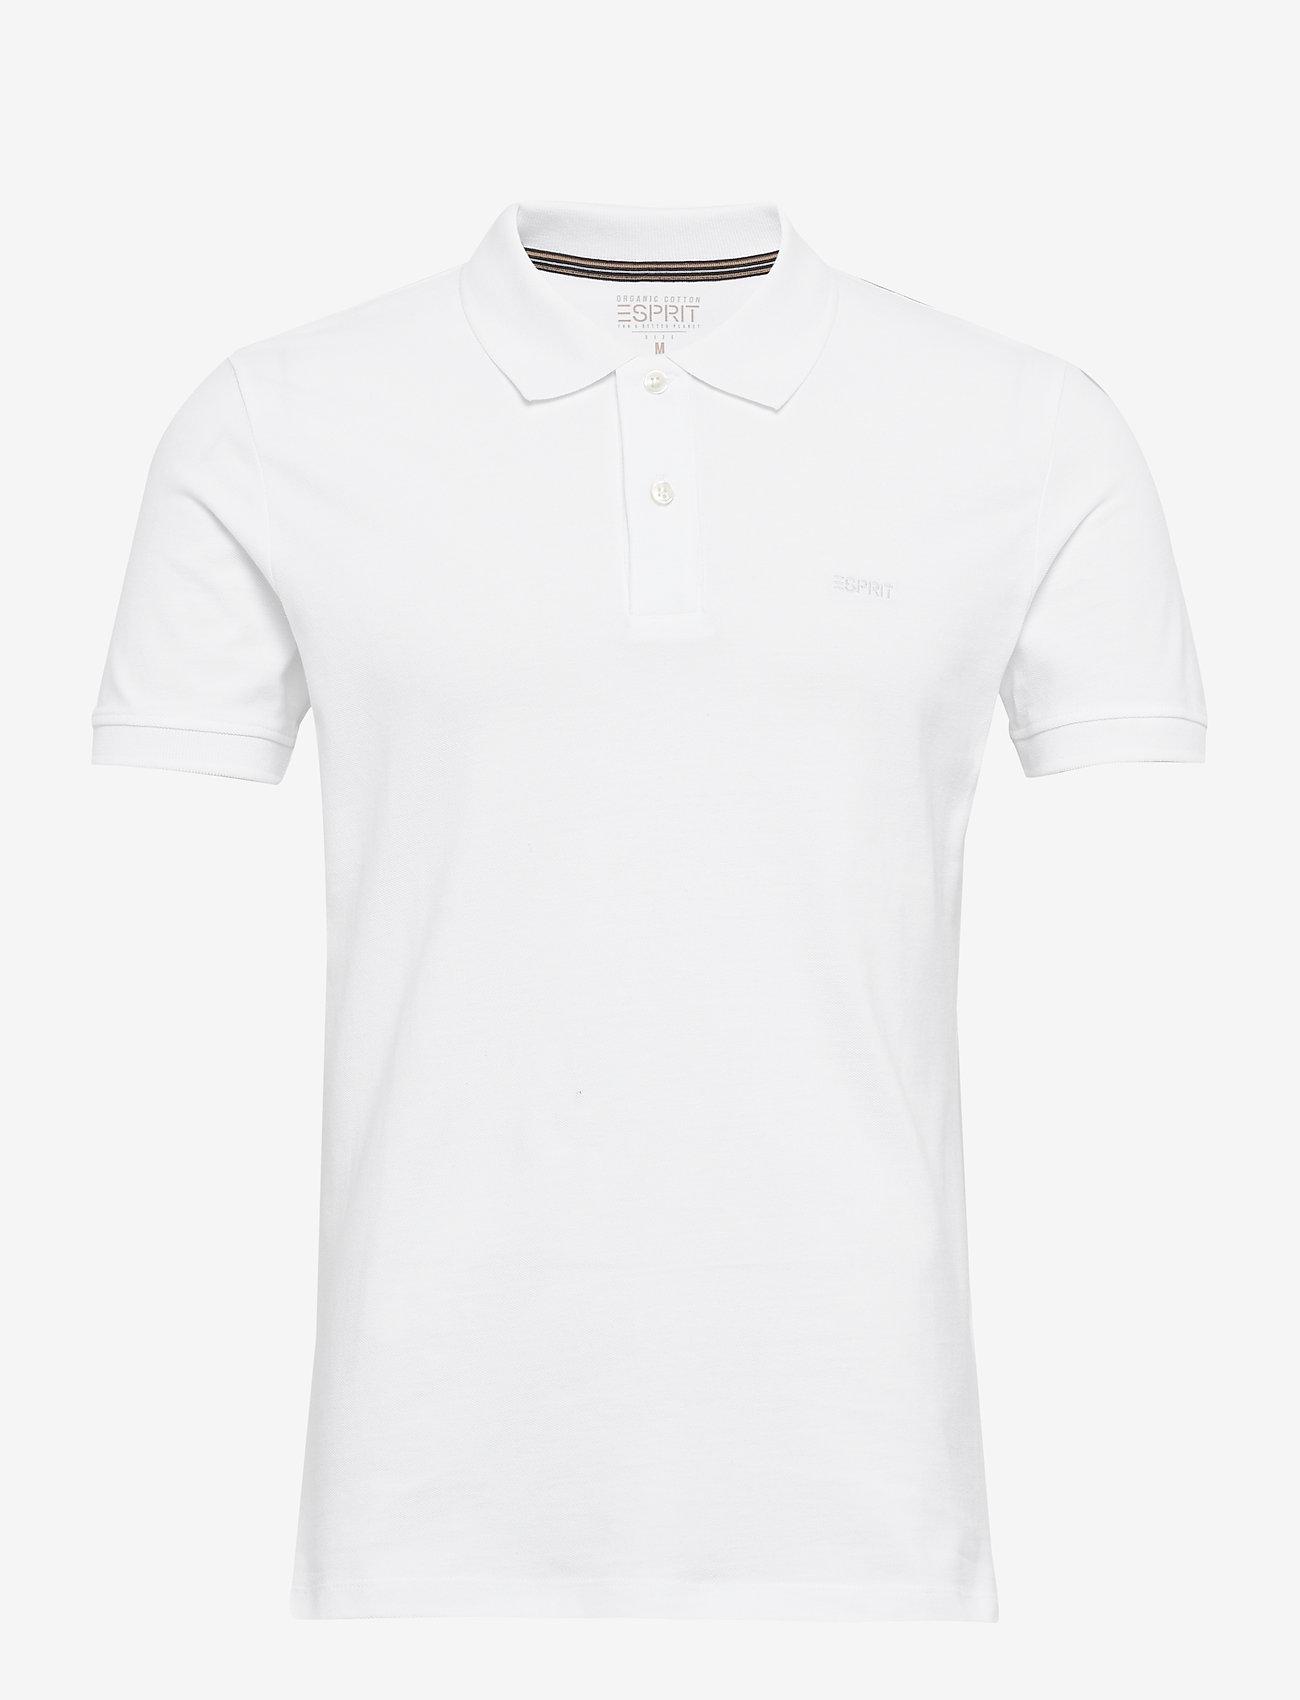 Esprit Casual - Polo shirts - korte mouwen - white - 0